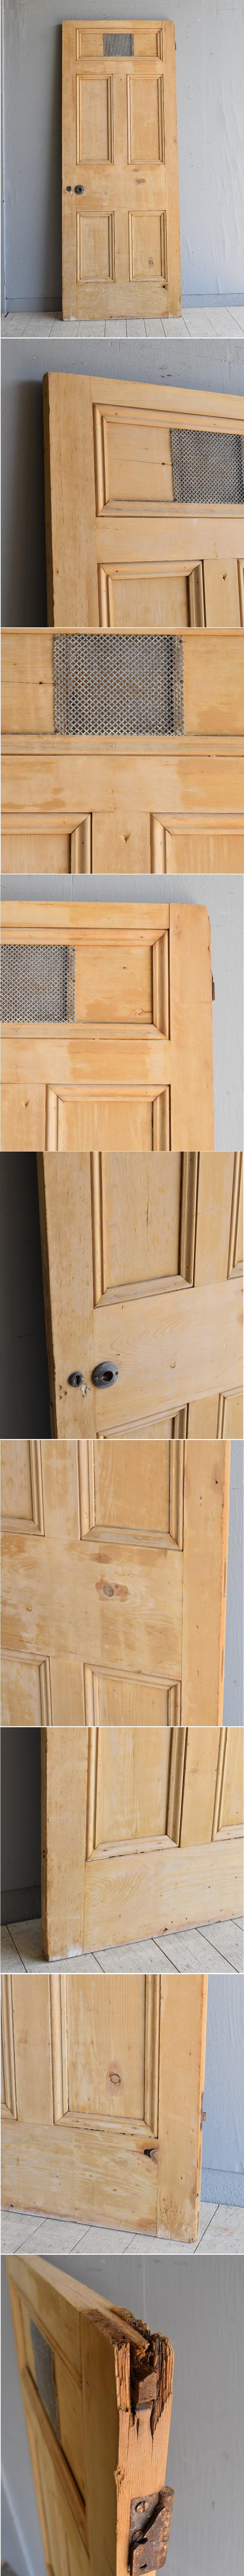 イギリス アンティーク オールドパイン ドア 扉 建具 7971